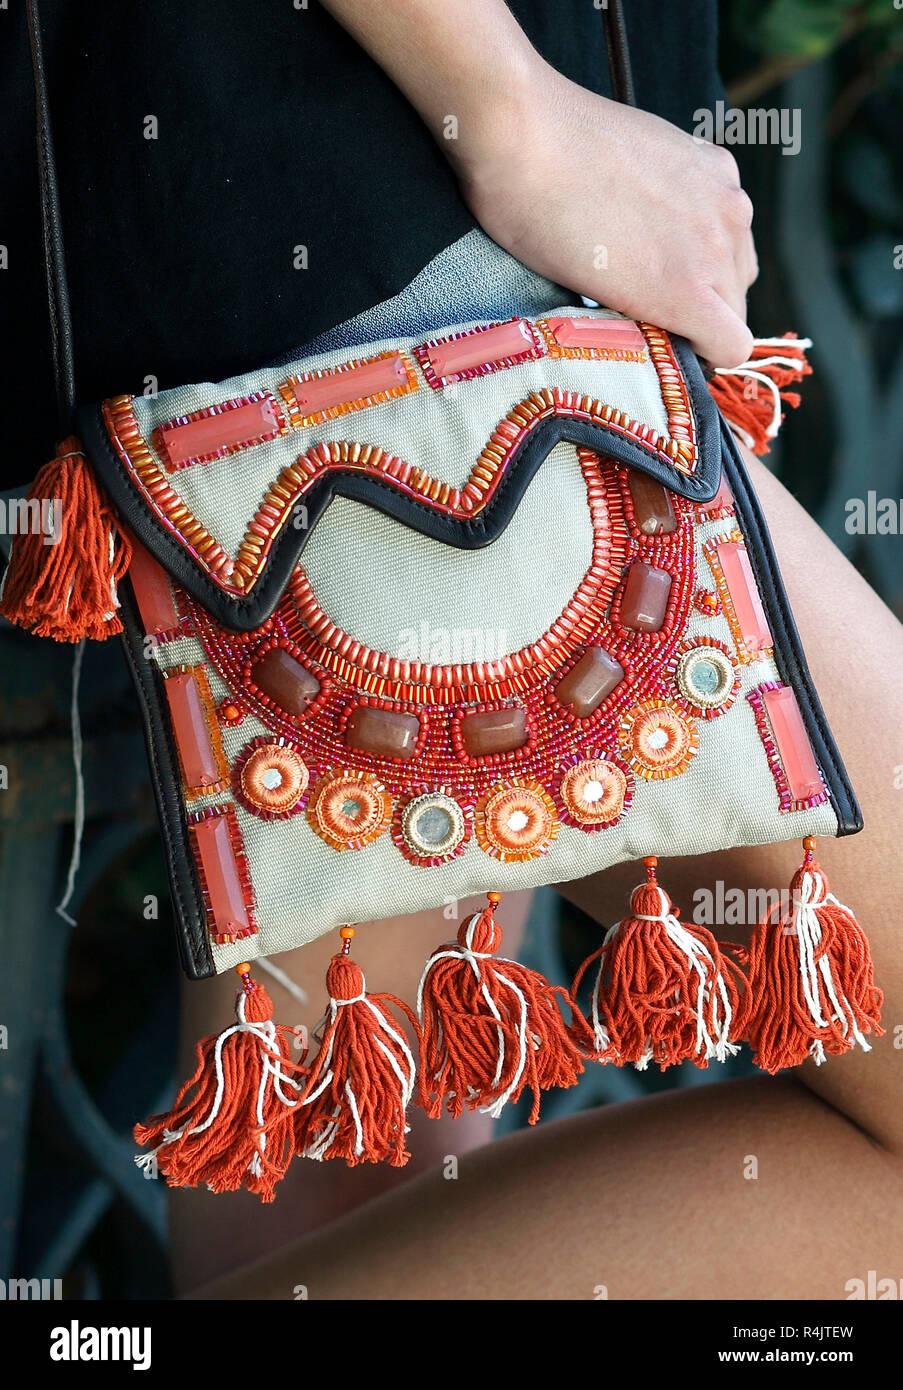 0ac9cfc520f0a Hippy Bag Imágenes De Stock   Hippy Bag Fotos De Stock - Alamy